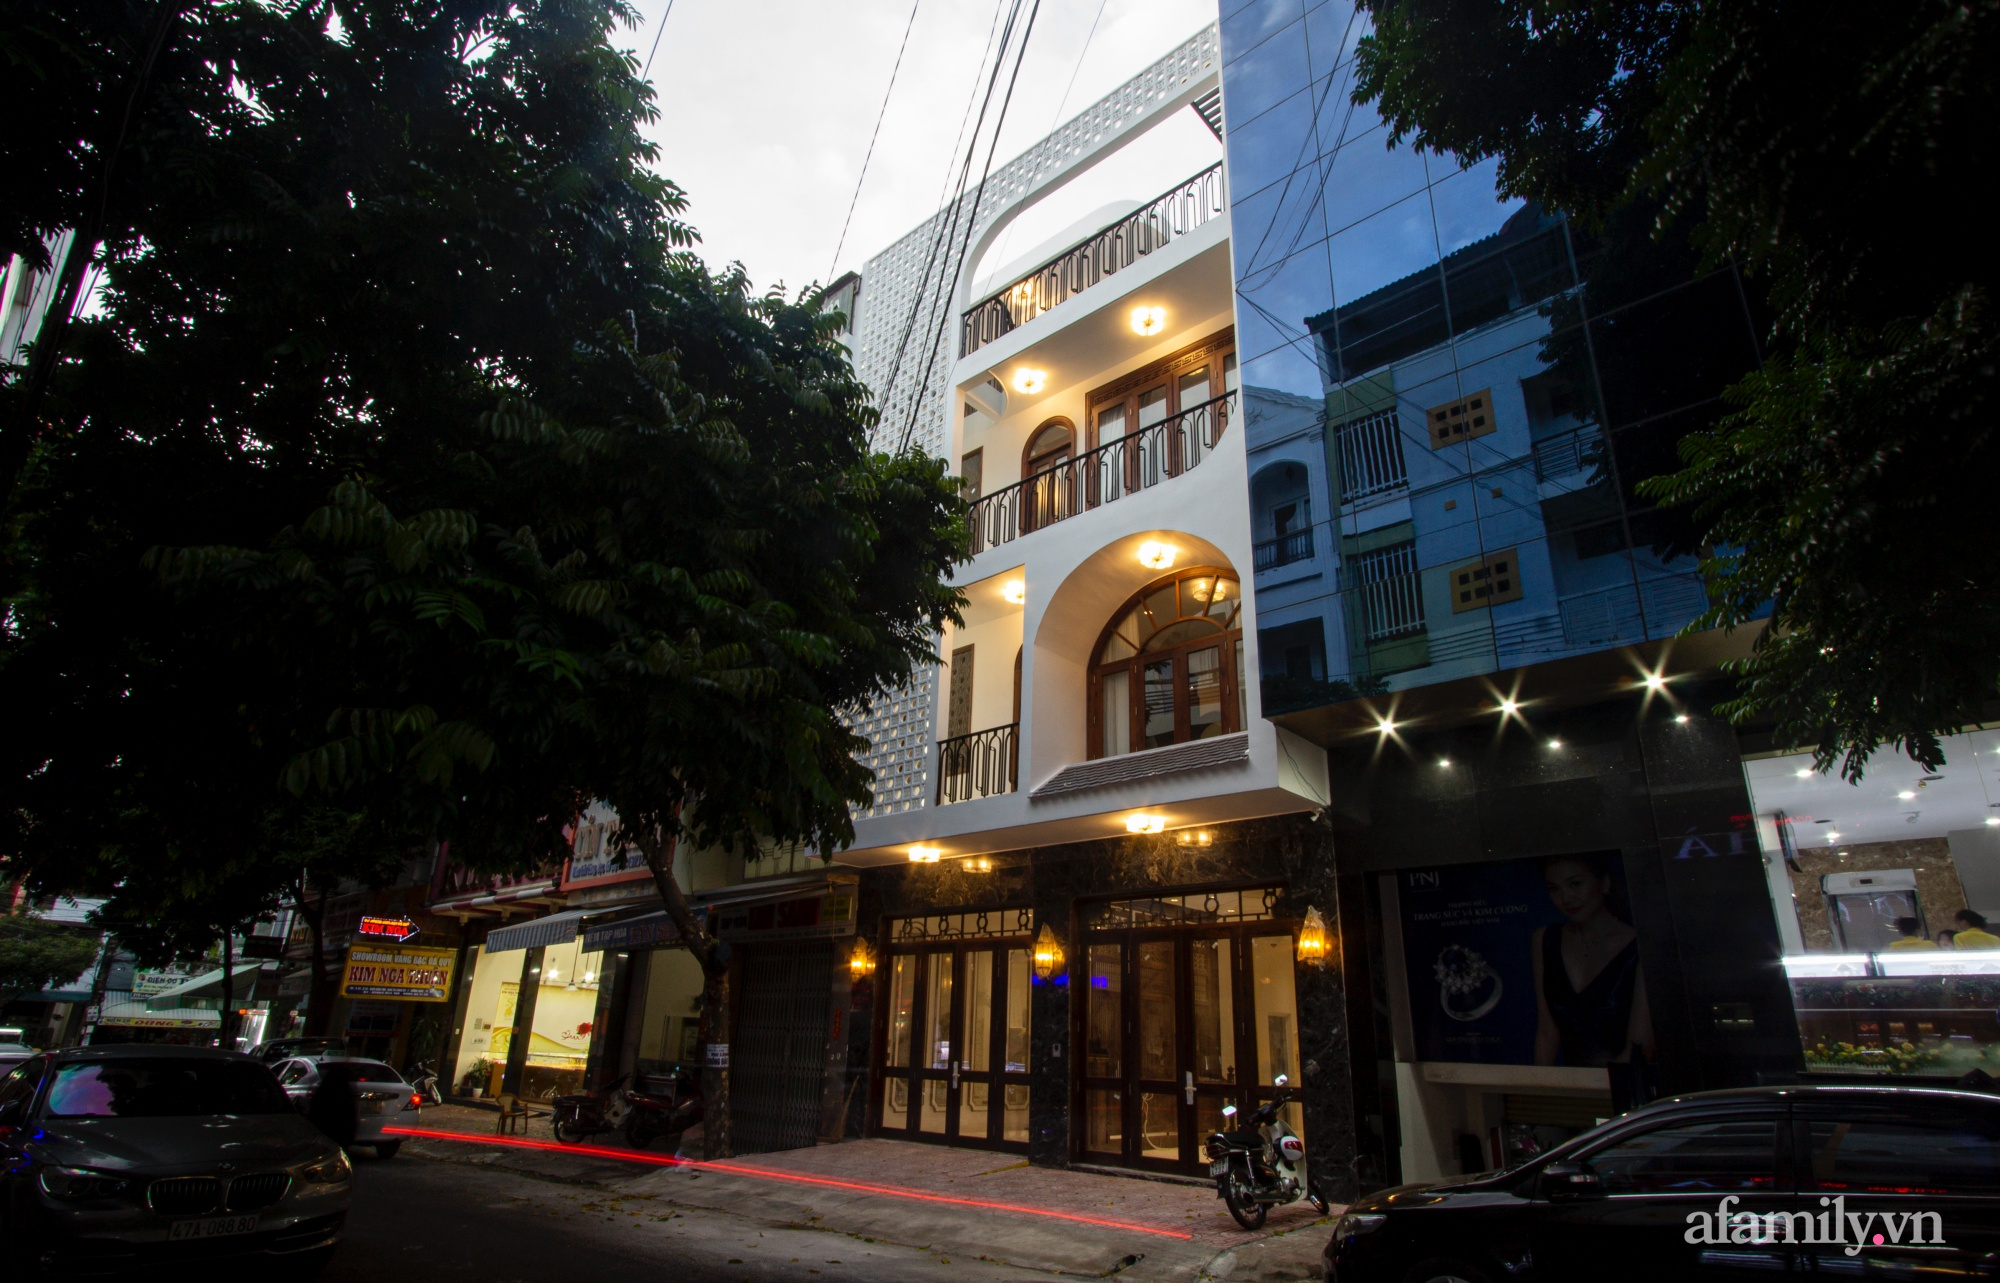 Nhà phố 8x16m đẹp bình yên, tĩnh tại mang hơi hướng của Đạo Phật và phong cách Á Đông ở Buôn Ma Thuột - Ảnh 1.